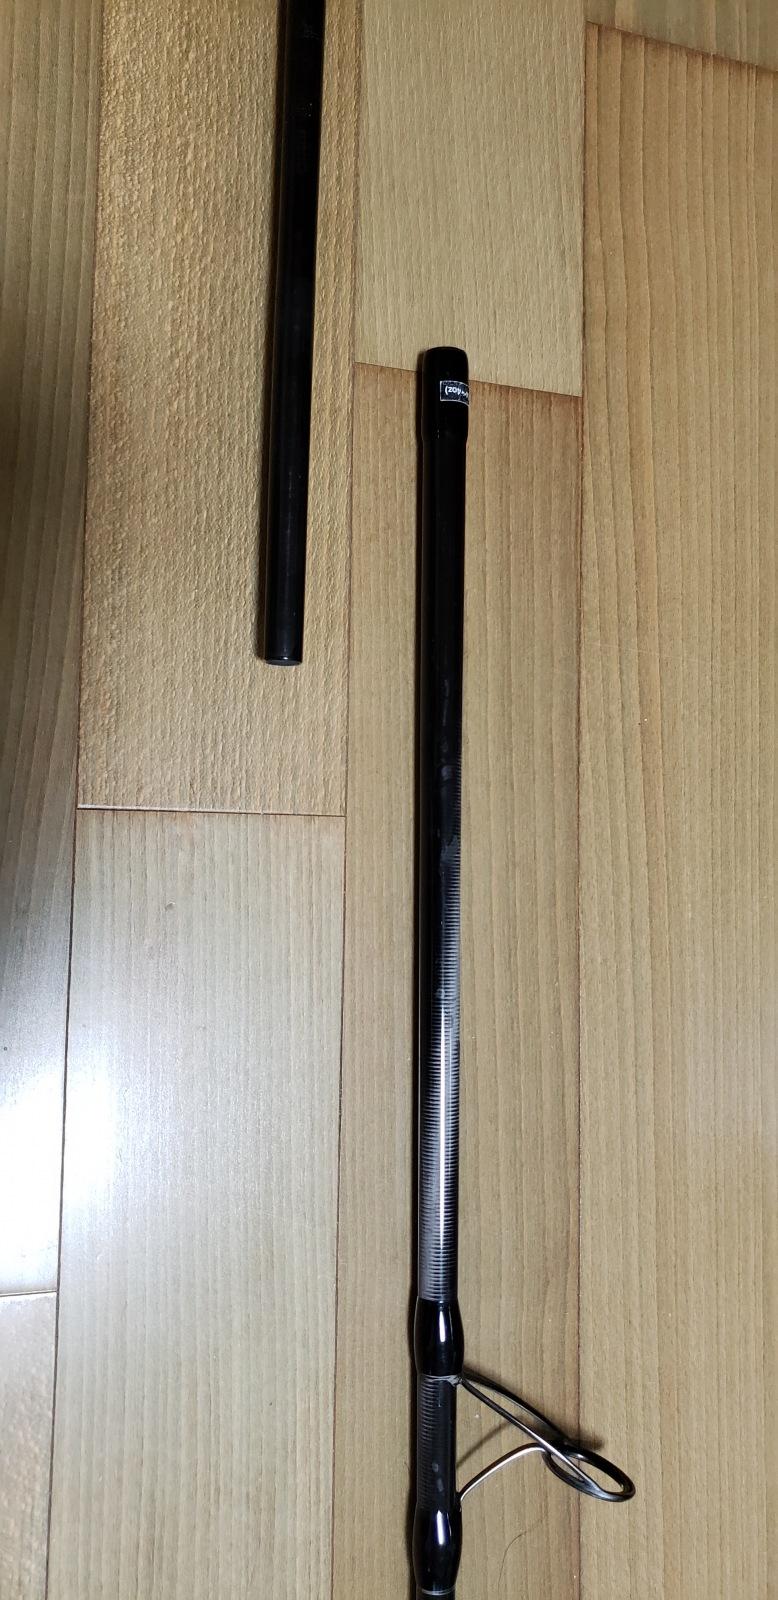 20181105_100042.jpg